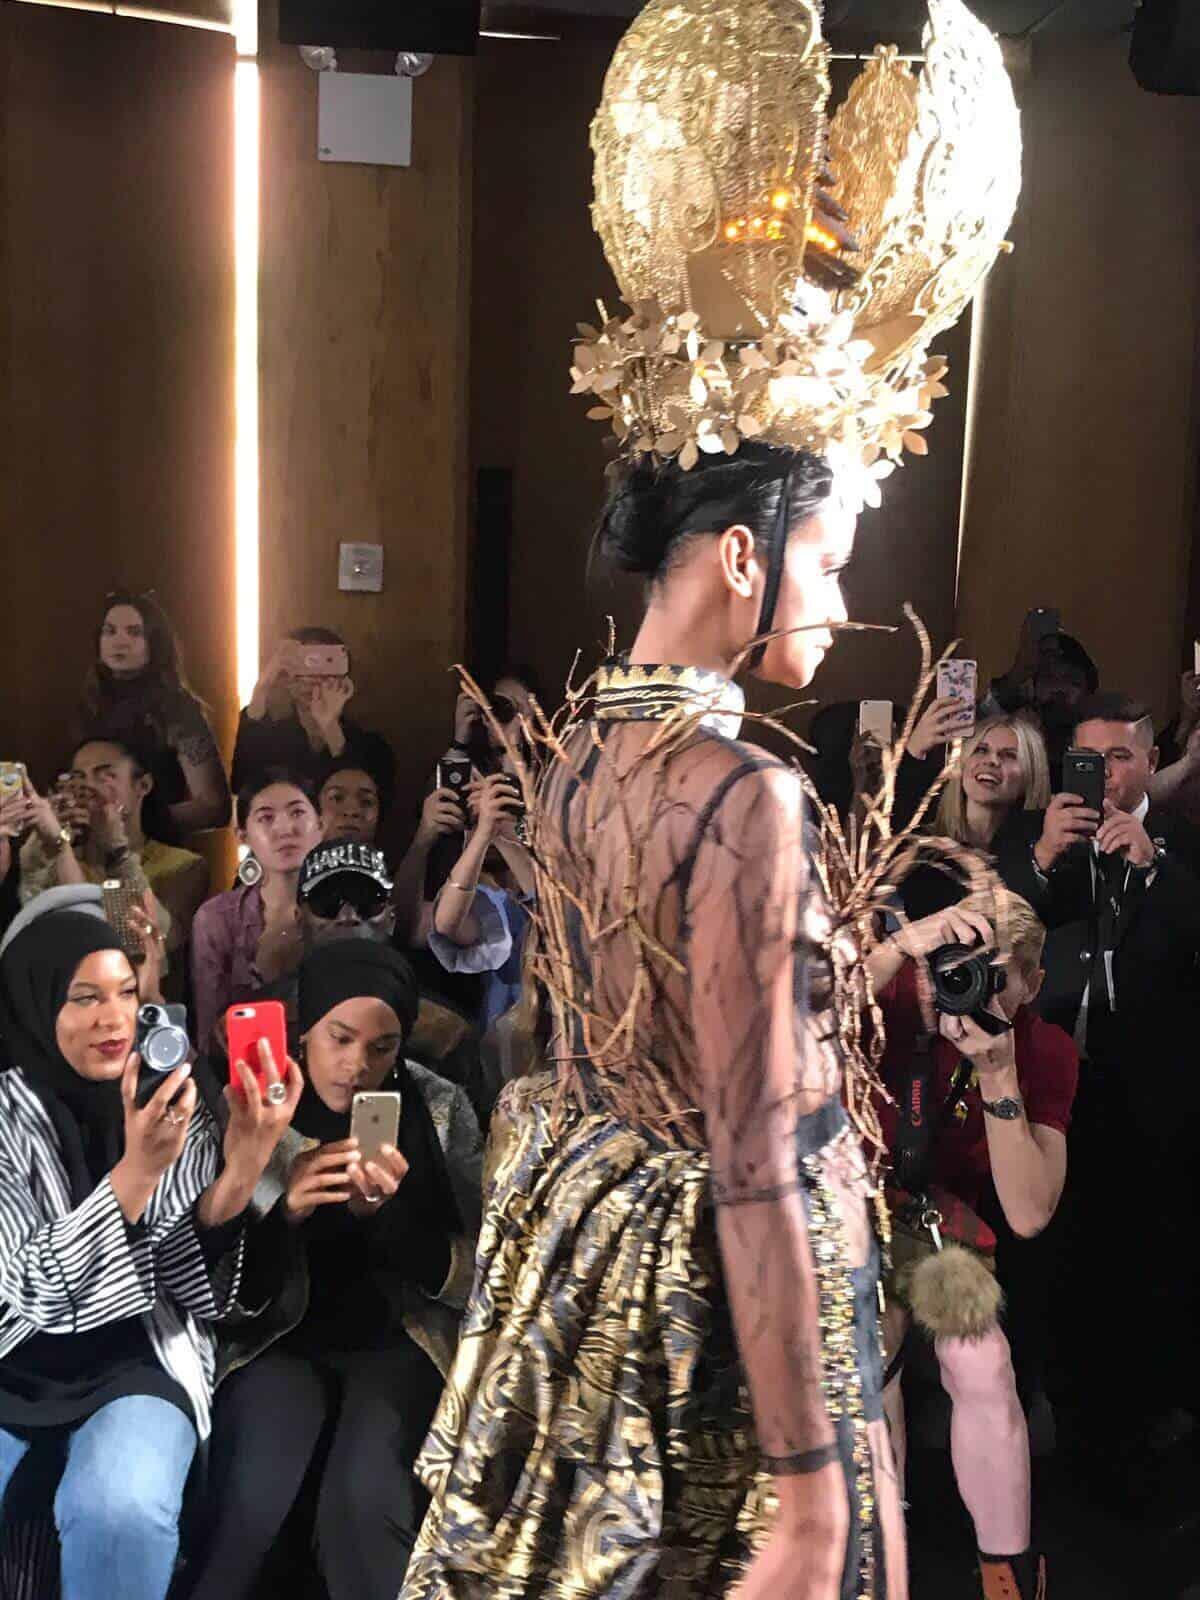 שבוע אופנה בניו יורק ספטמבר 2017 - eat-fly-dress by Yuliah Vine